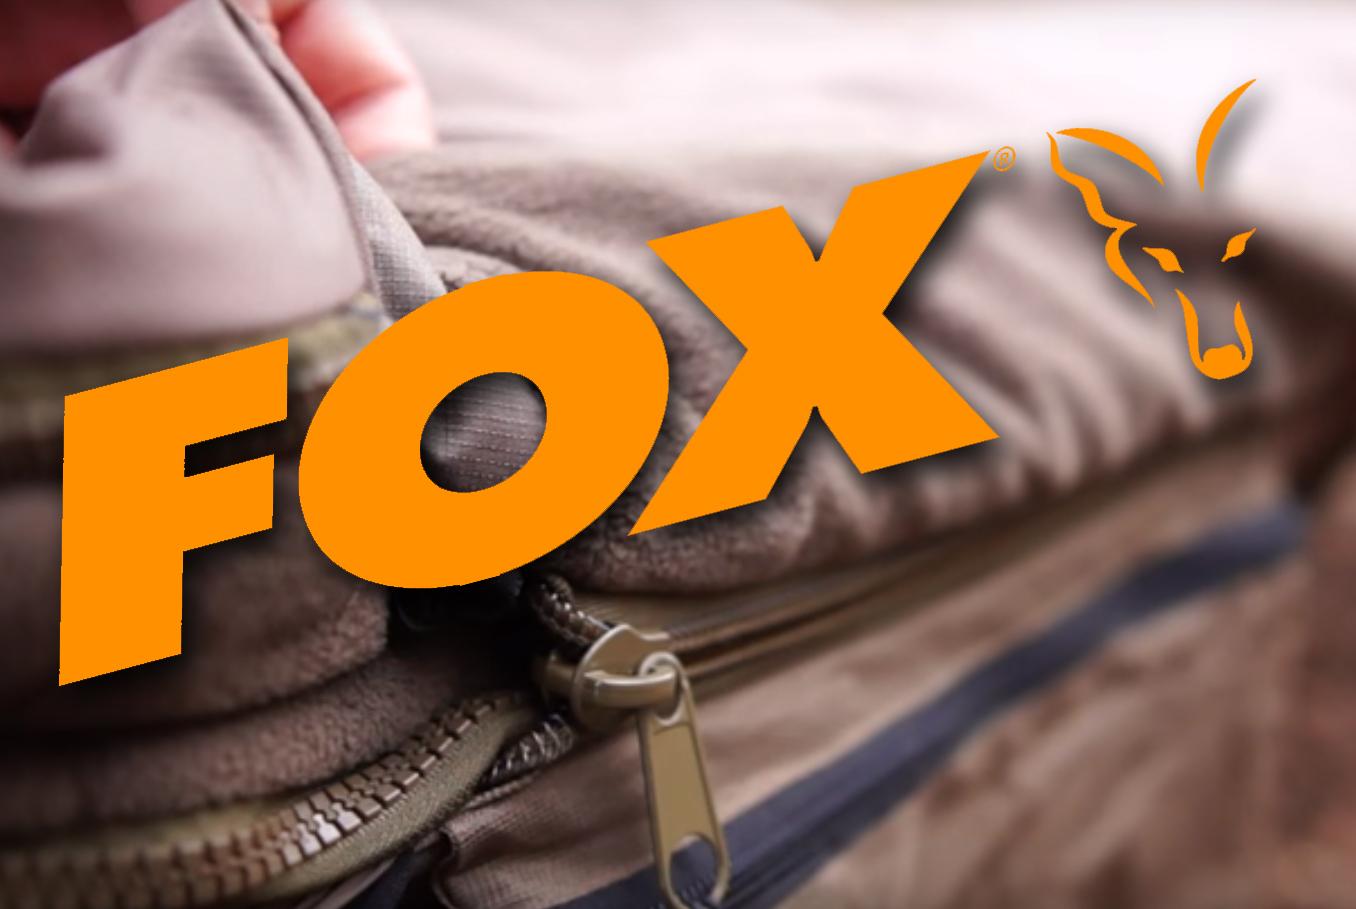 fox sleepingbags - Gute Nacht! - mit den Neuheiten von Fox!